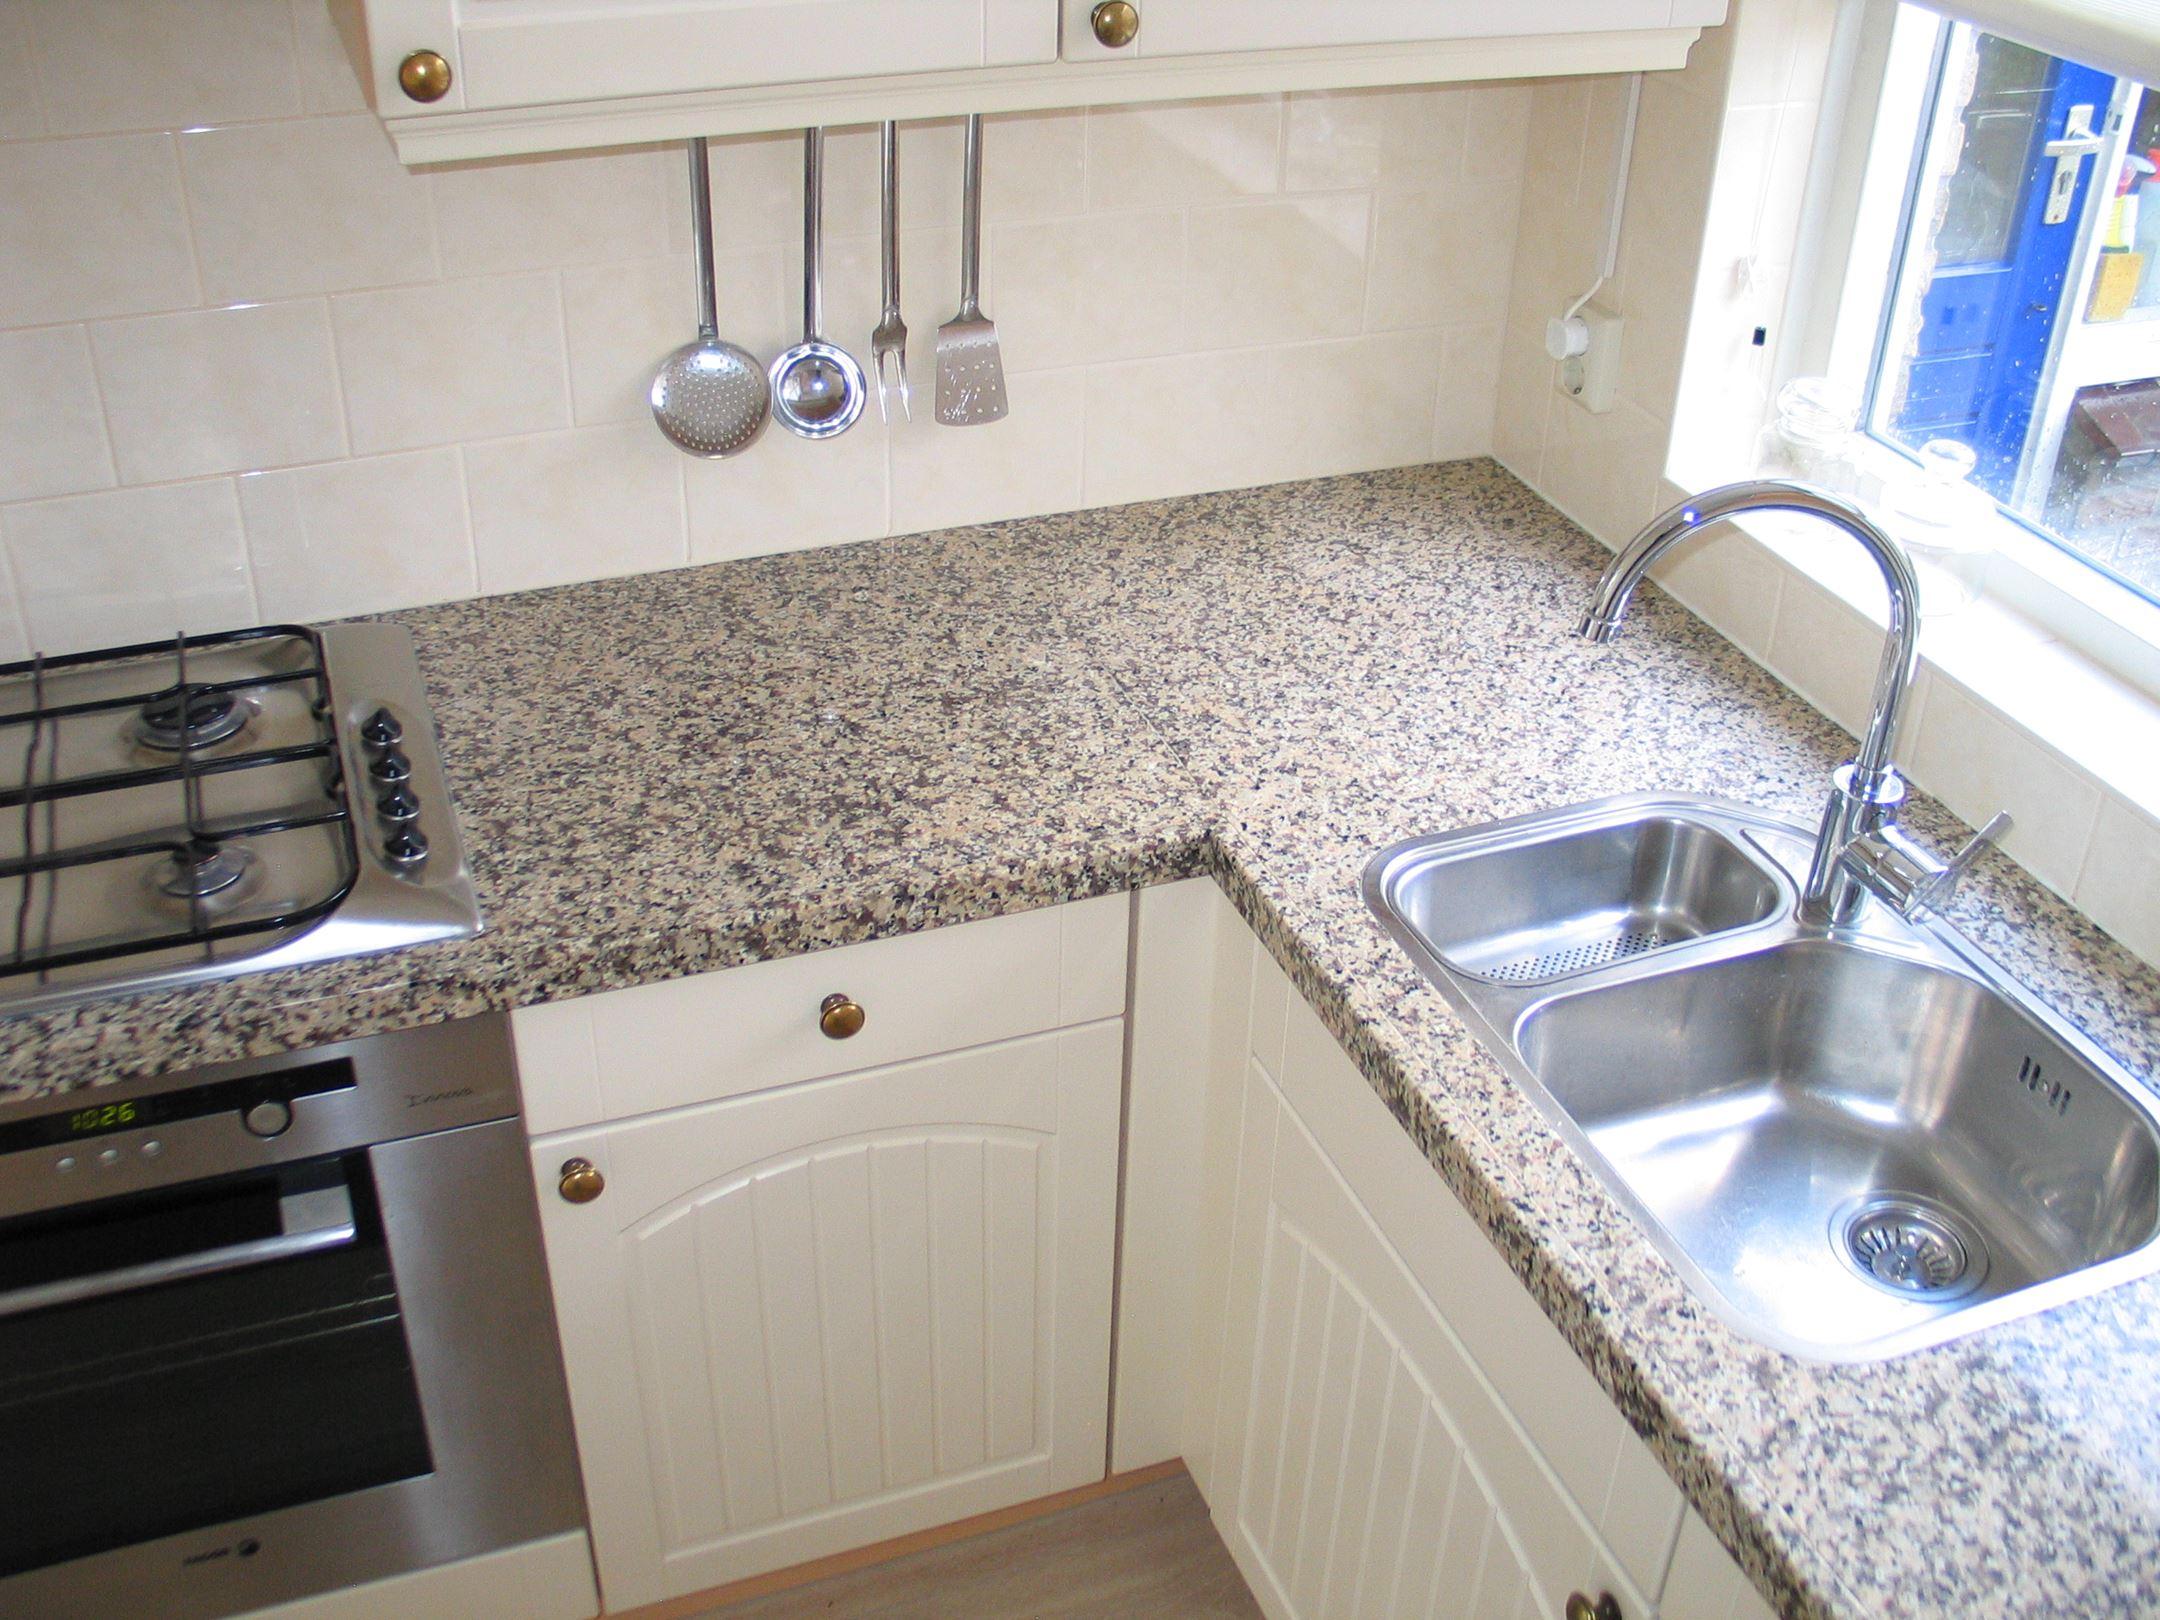 keuken tegels emmeloord : Huis Te Koop Westergolaan 9 8302 Le Emmeloord Funda